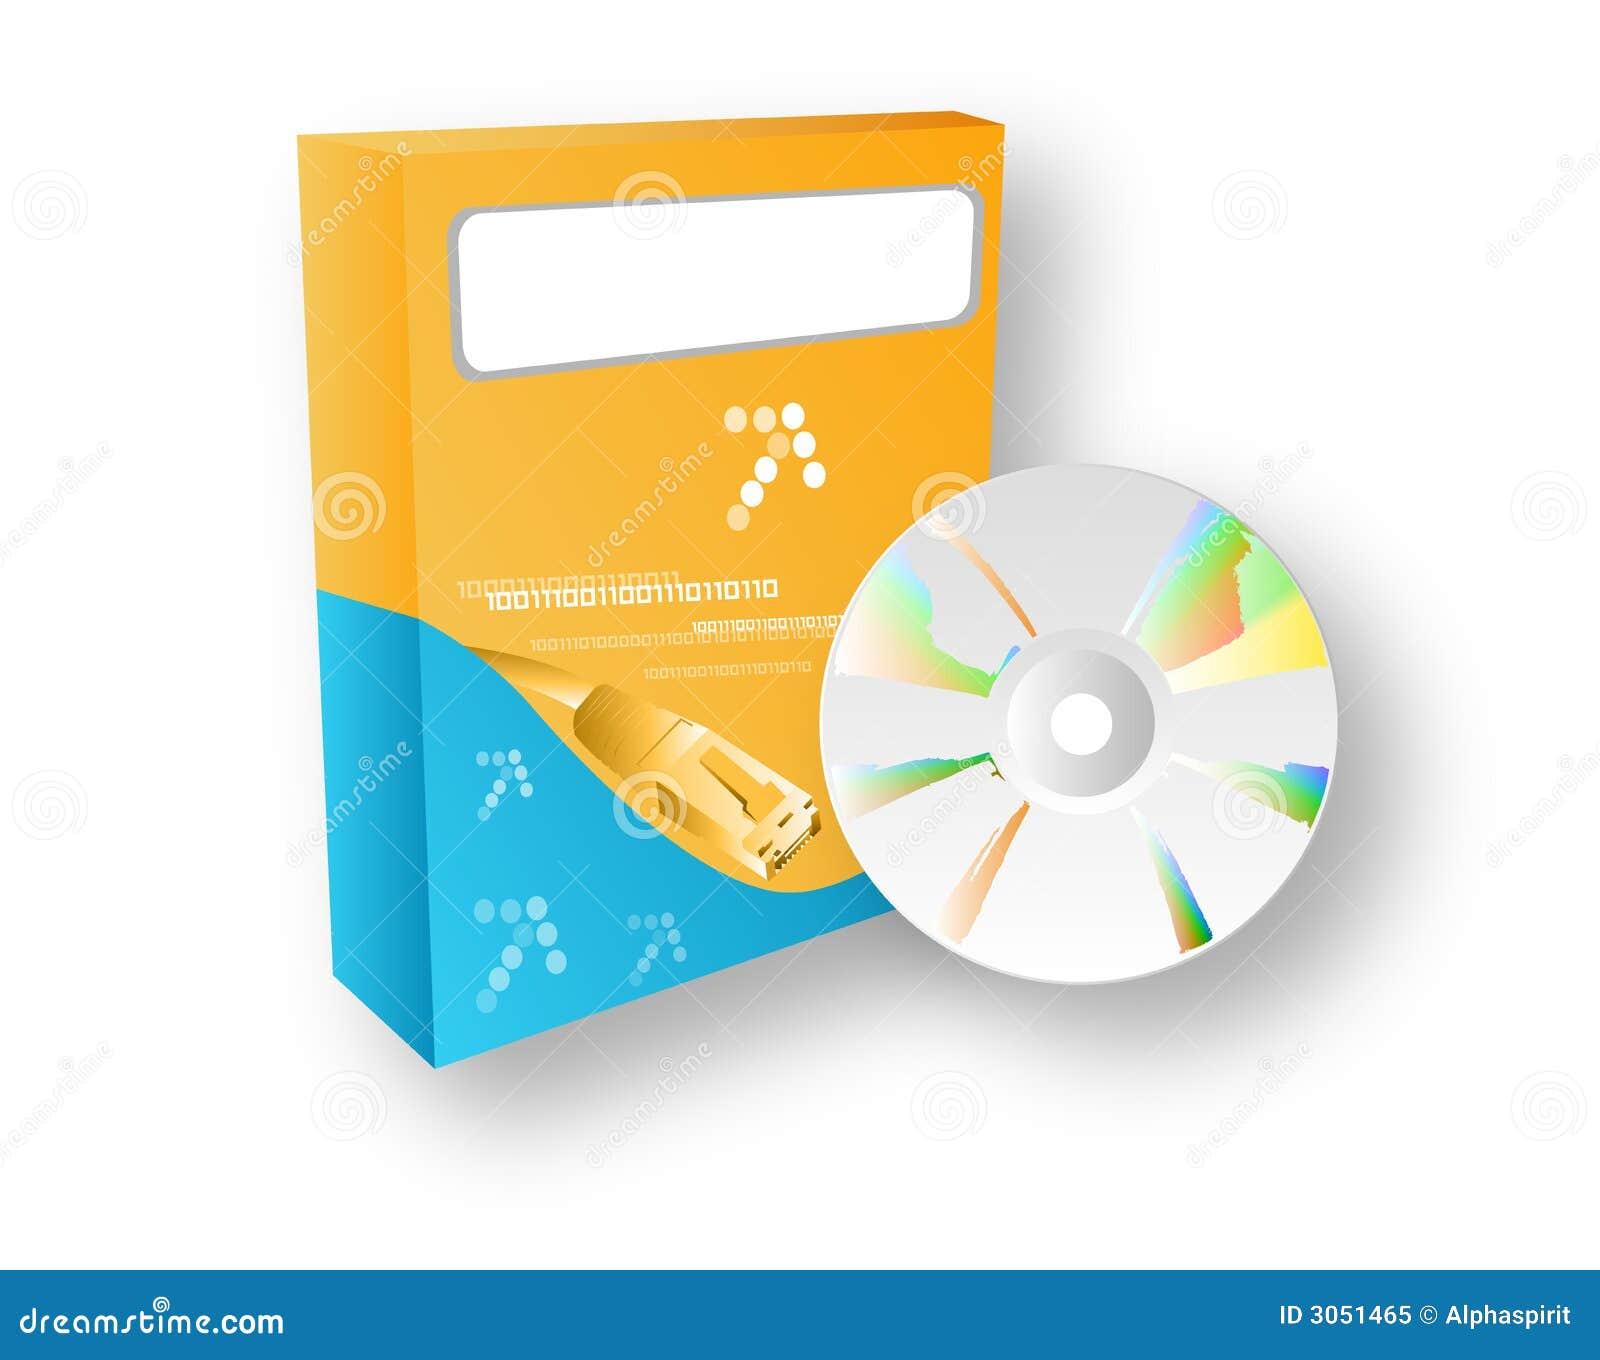 λογισμικό CD-$l*rom κιβωτίων